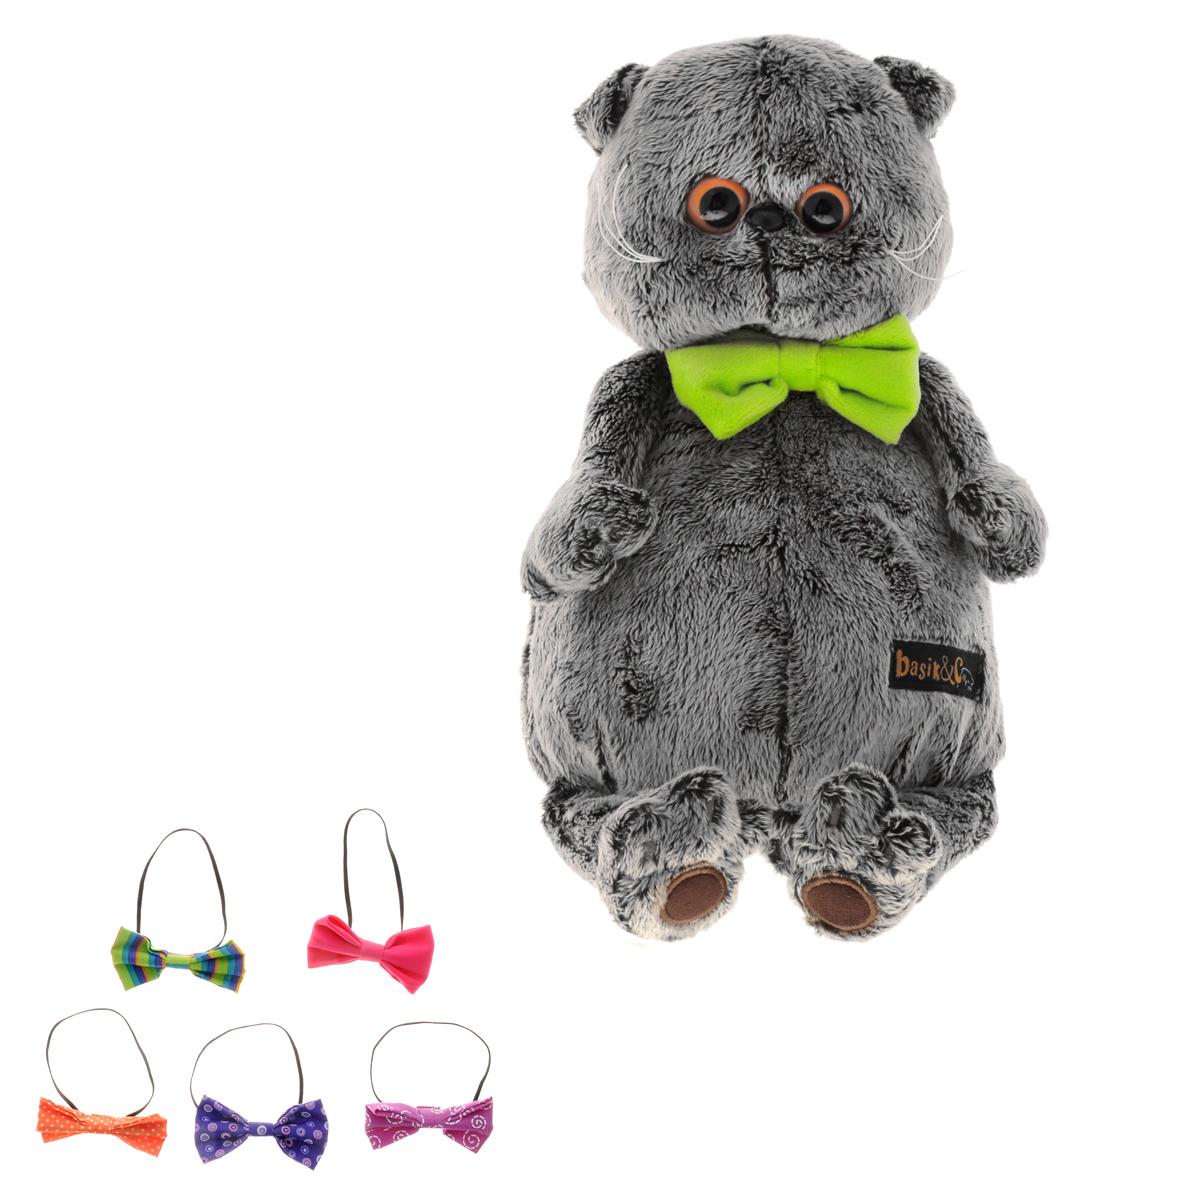 Мягкая игрушка Басик с набором галстуков 30 смKs30-32Мягкая игрушка Басик с набором галстуков подарит малышу немало прекрасных мгновений. Дети очень трепетно относятся к домашним животным, особенно они любят котов и собак и часто просят своих родителей приобрести им такого друга. Однако домашние питомцы не всегда хорошо влияют на детей - они могут поцарапать и даже вызвать аллергическую реакцию, поэтому приходят на помощь мягкие игрушки, очень похожие на настоящих питомцев. С этим шотландским вислоухим котиком можно играть, отдыхать и засыпать в обнимку, рассказывая свои секреты. У него густая плюшевая шерстка, которую так приятно гладить. У Басика круглые медовые глазки, маленькие ушки и черный носик. Басик с набором оригинальных галстуков-бабочек из материалов ярких насыщенных цветов. Сам Басик в объемном галстуке-бабочке из бархата горохового цвета. Мягкие игрушки очень полезны для малышей, потому что весьма позитивно влияют на детскую нервную систему, прогоняя всевозможные страхи. ...